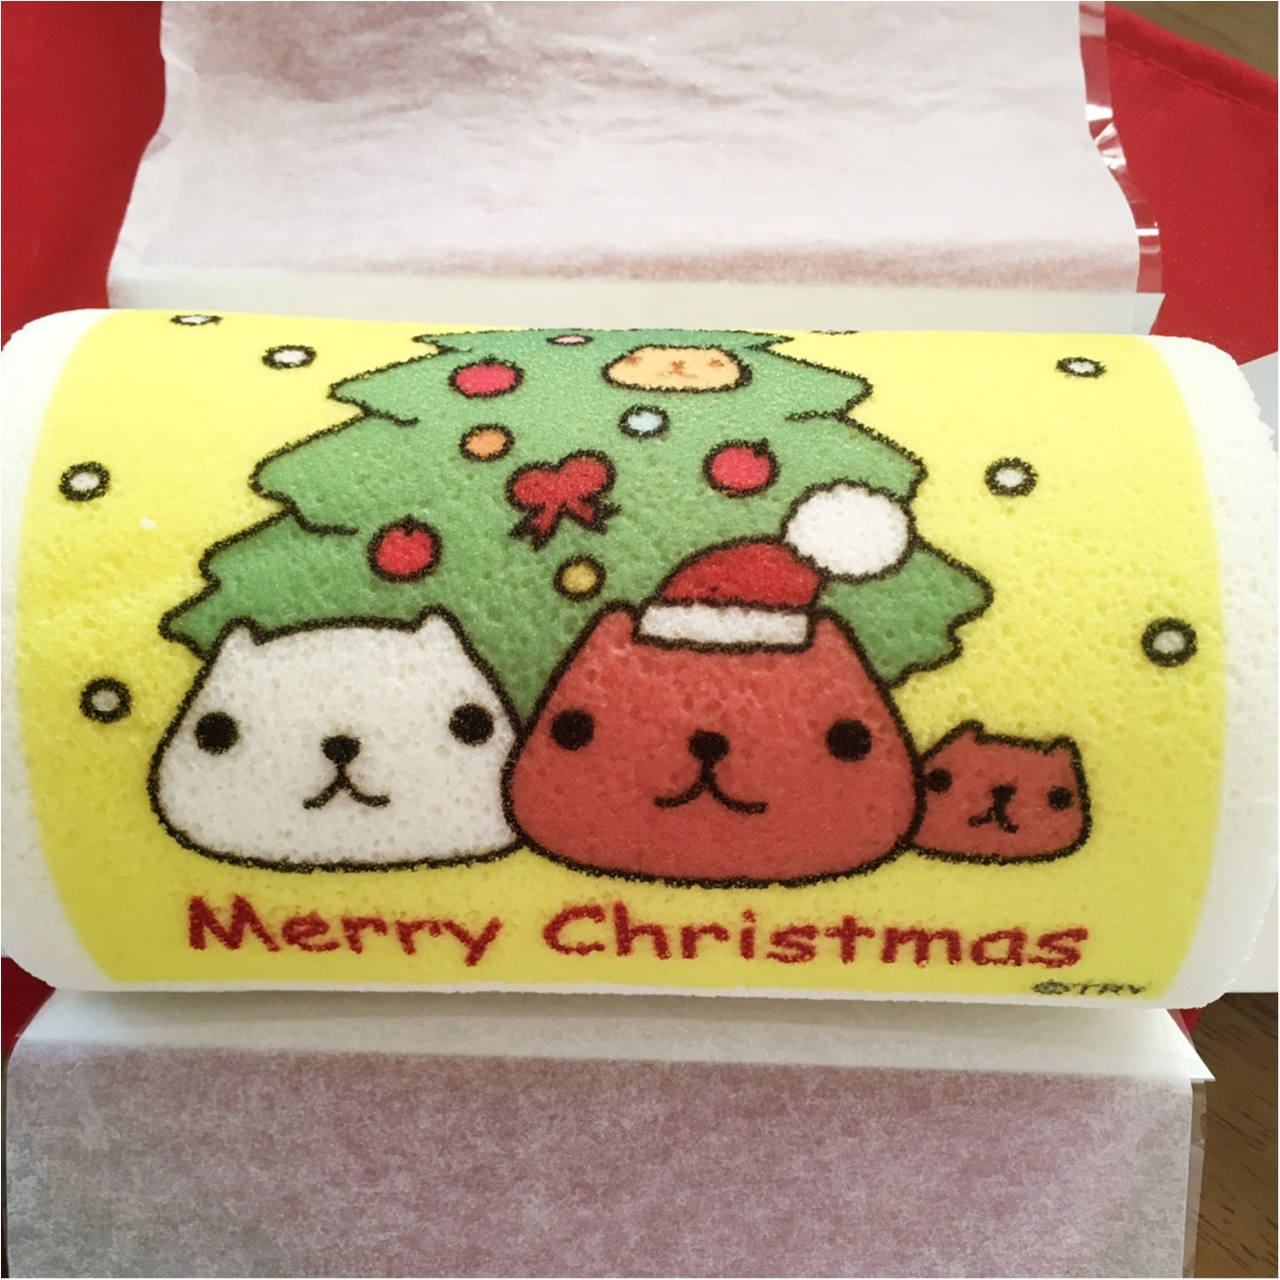 【キャラクター】クリスマスにはかわいいカピバラさんケーキで盛り上がっちゃおう(*>ω<*)♡ 【ケーキ】_4